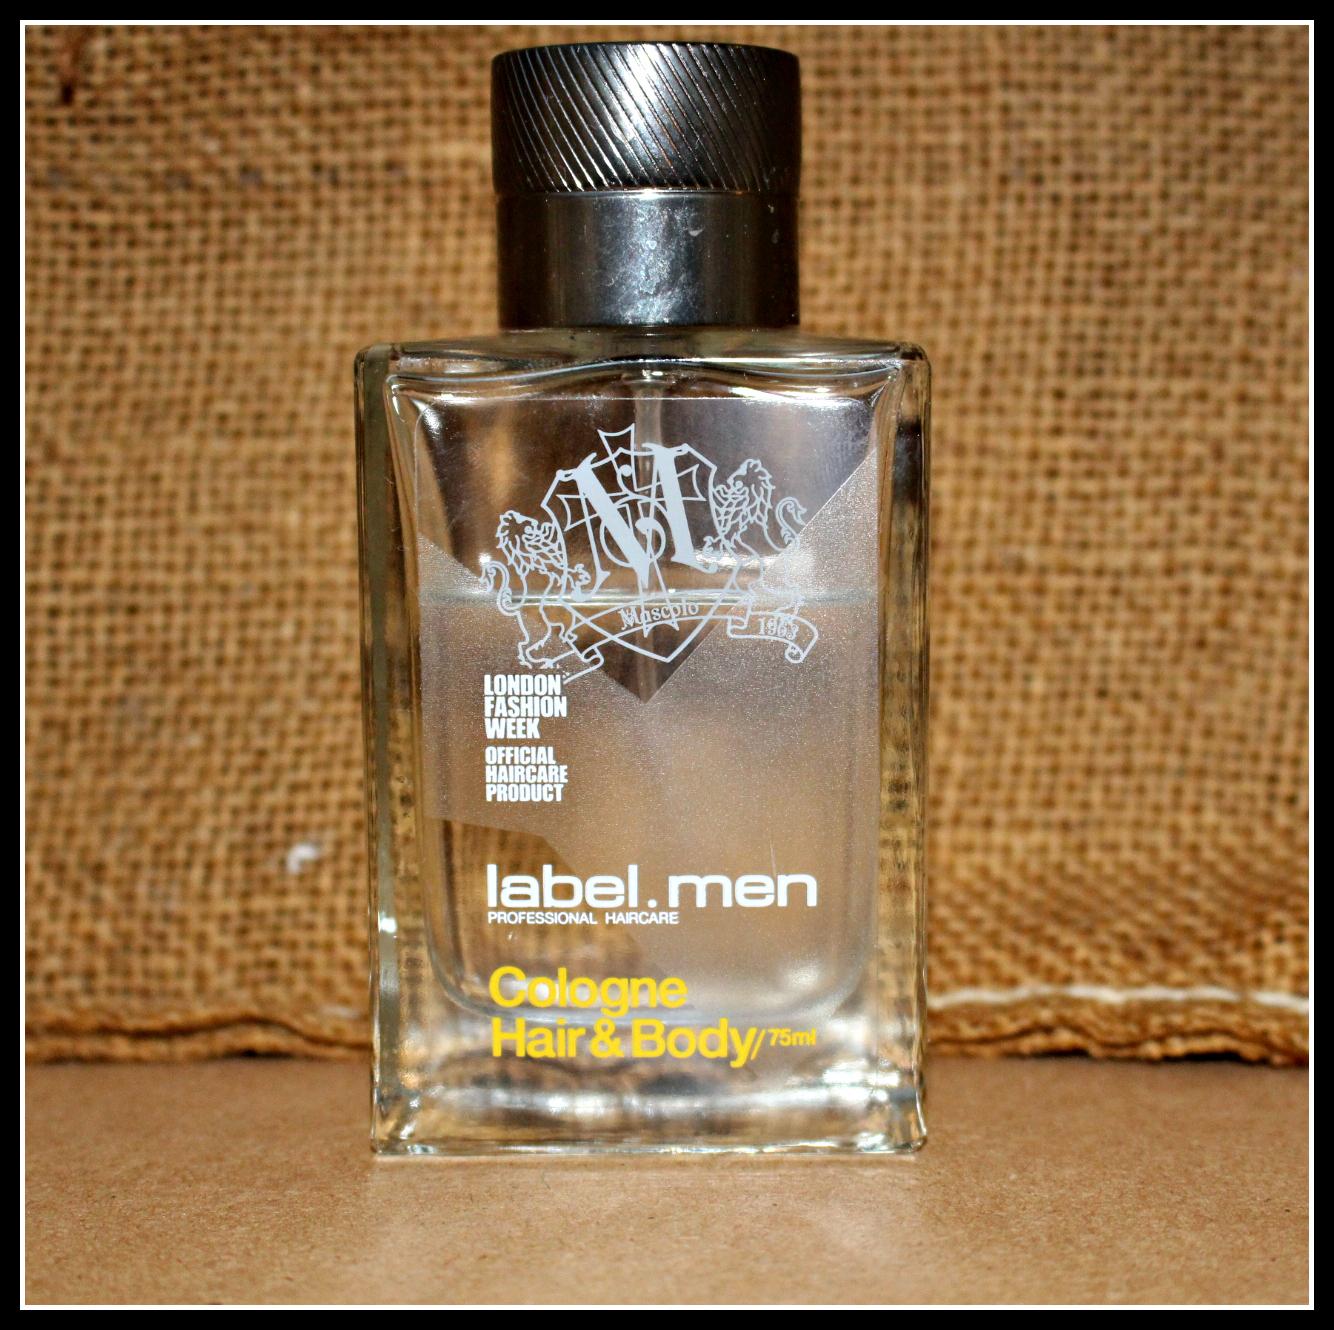 A trio of fragrances for men